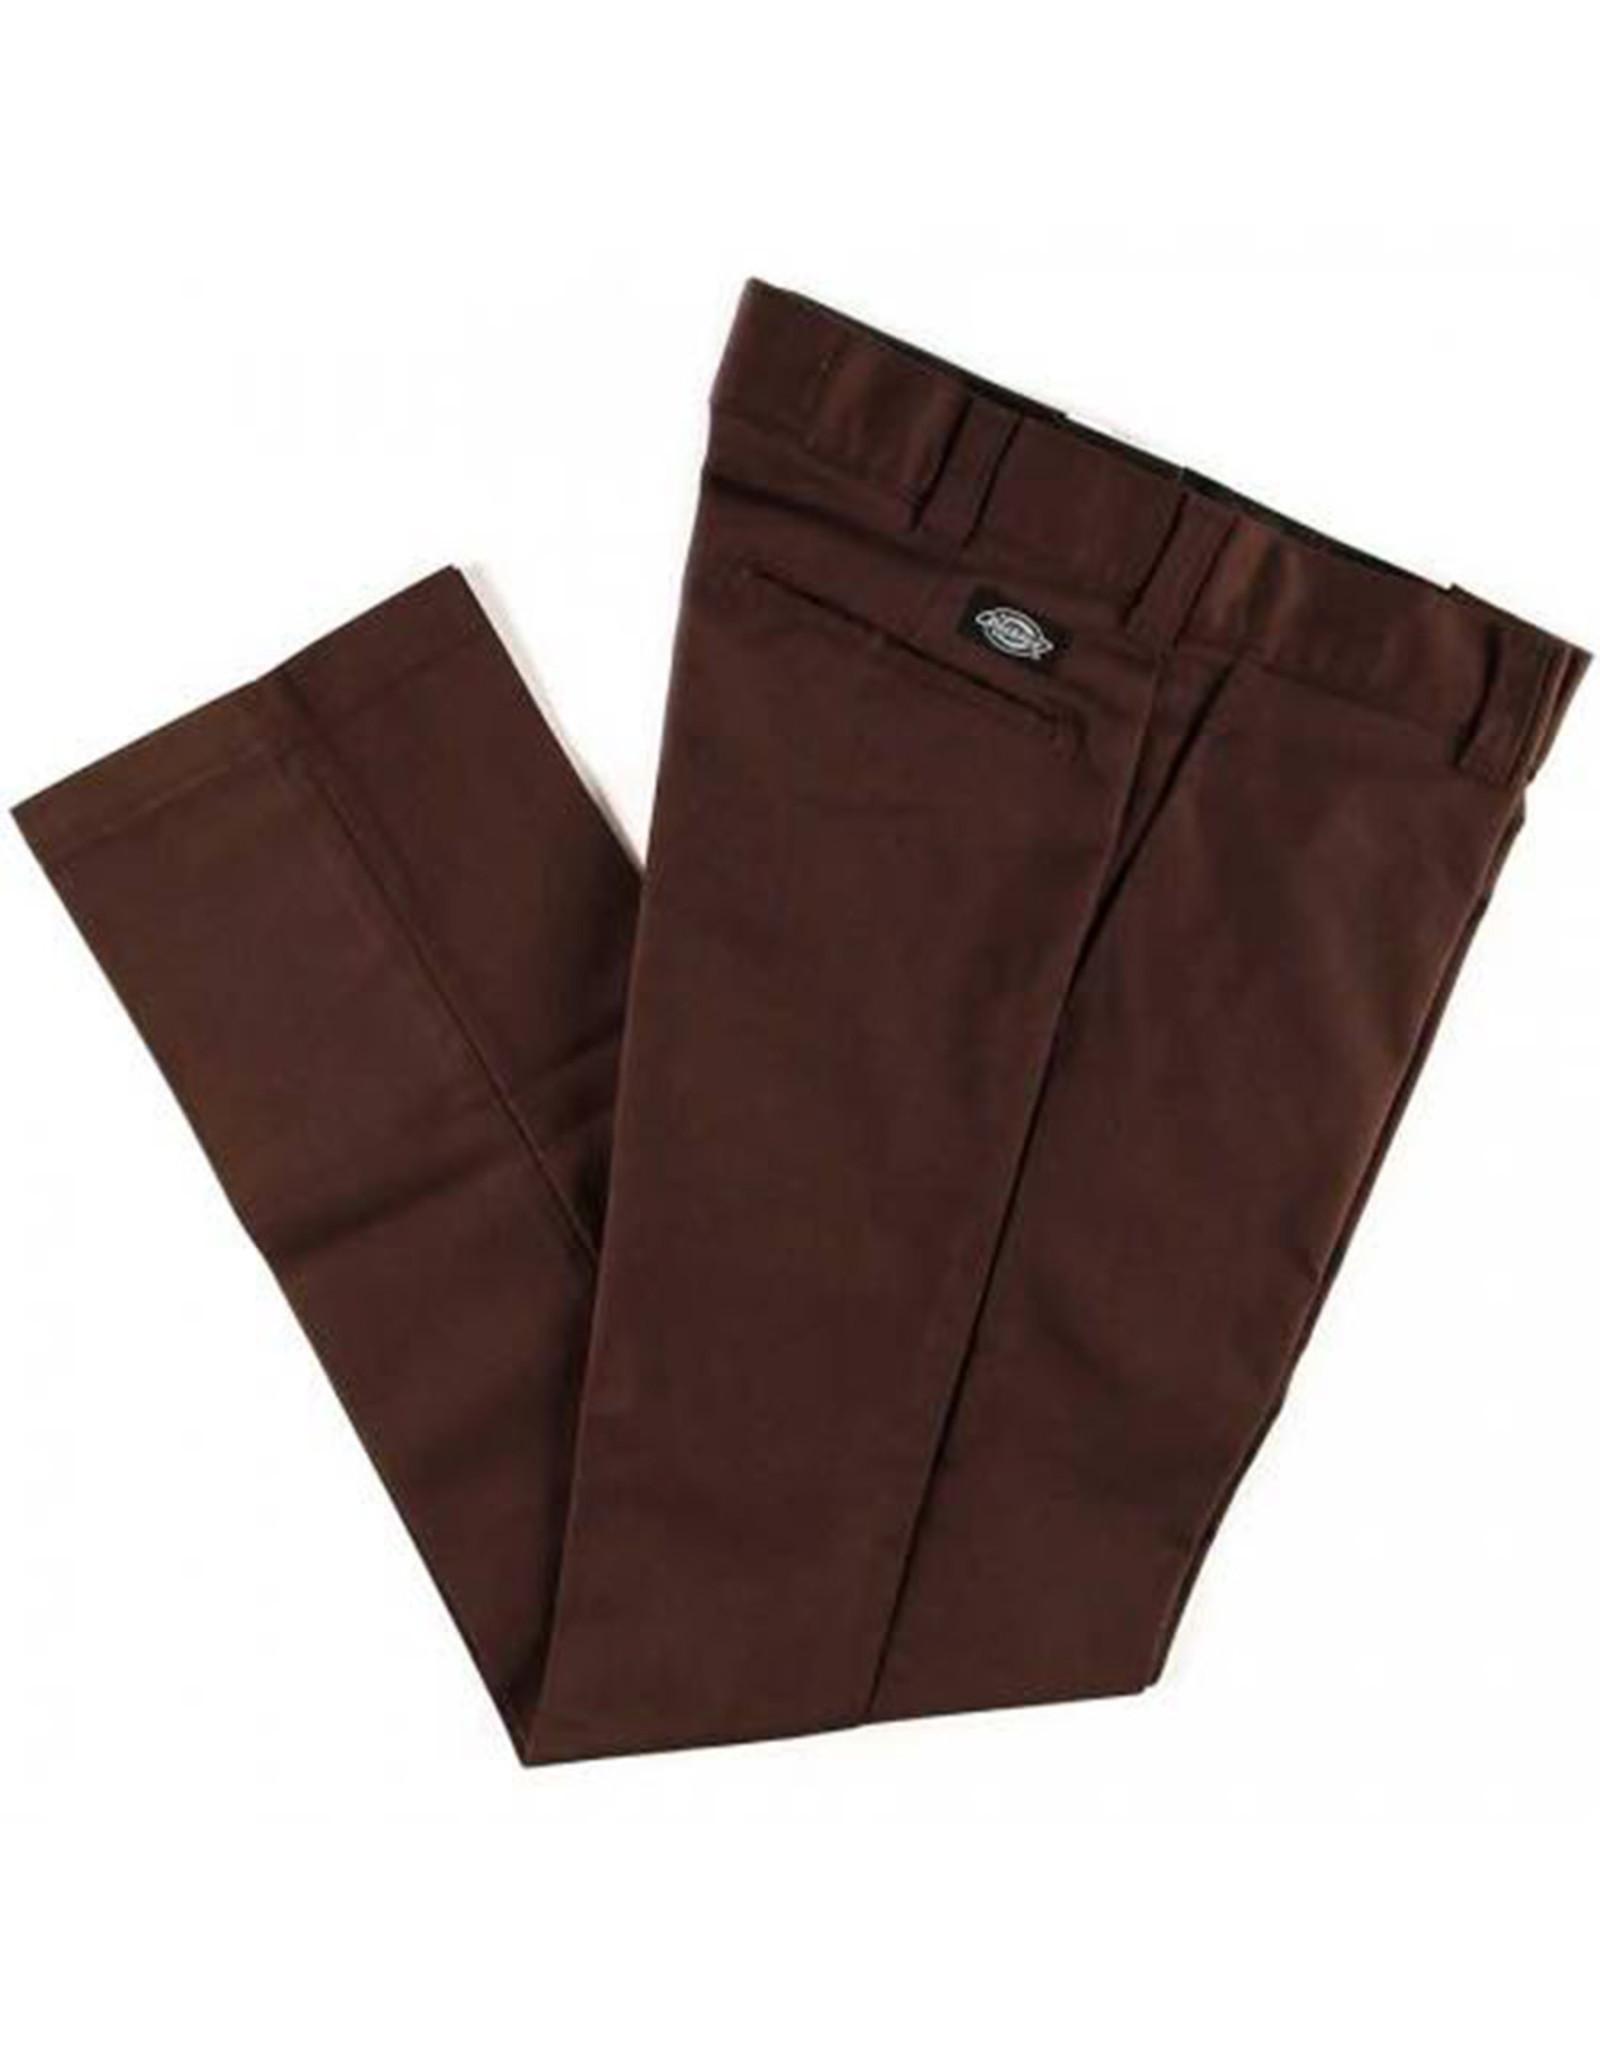 Dickies Dickies Pants 894 Slim Chino (Chocolate Brown)